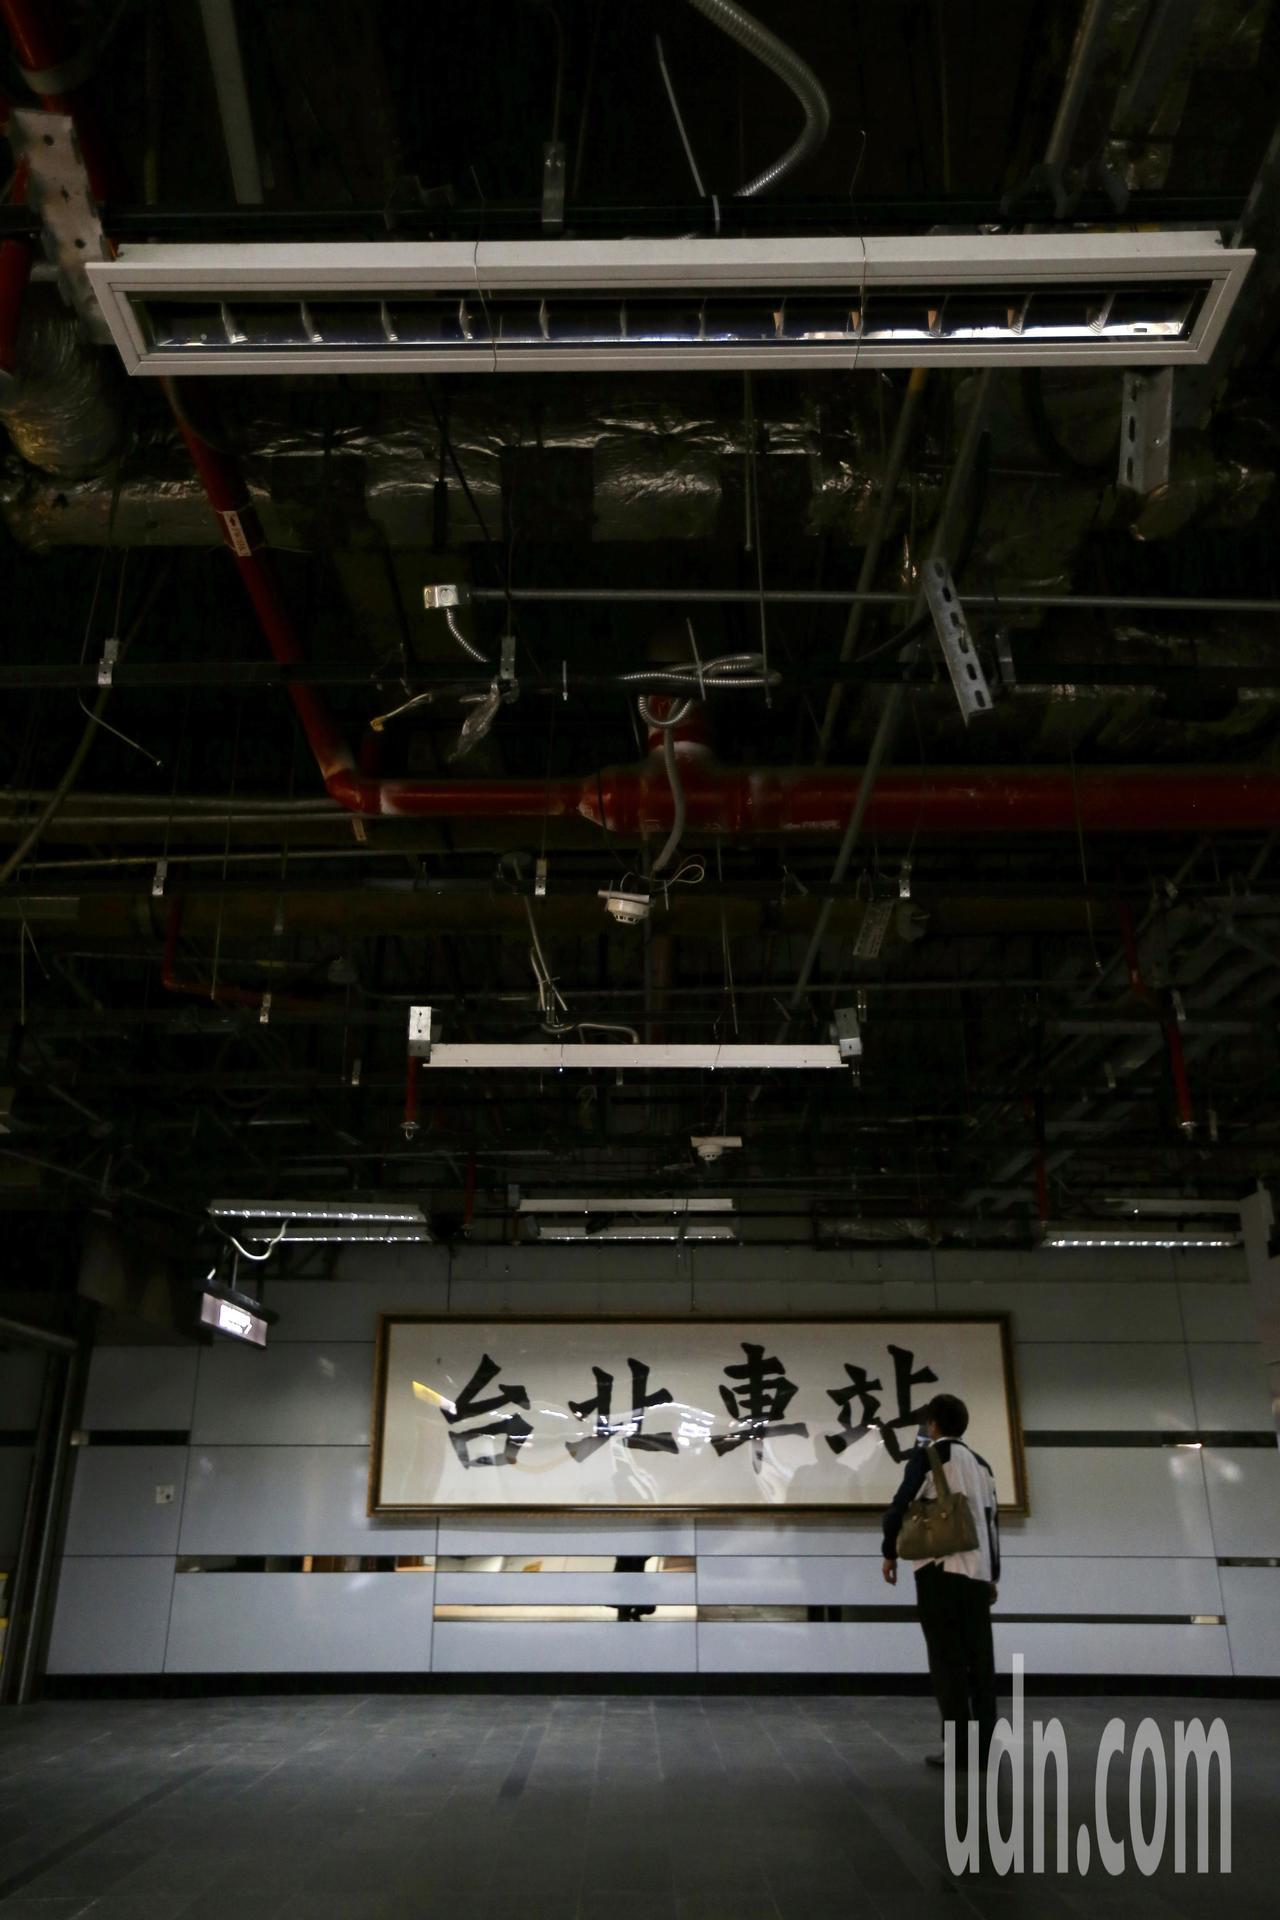 台鐵餐廳廚房變電設備下午突然燒毁,台北車站發生大跳電。部分商家及區域停電,旅客在...